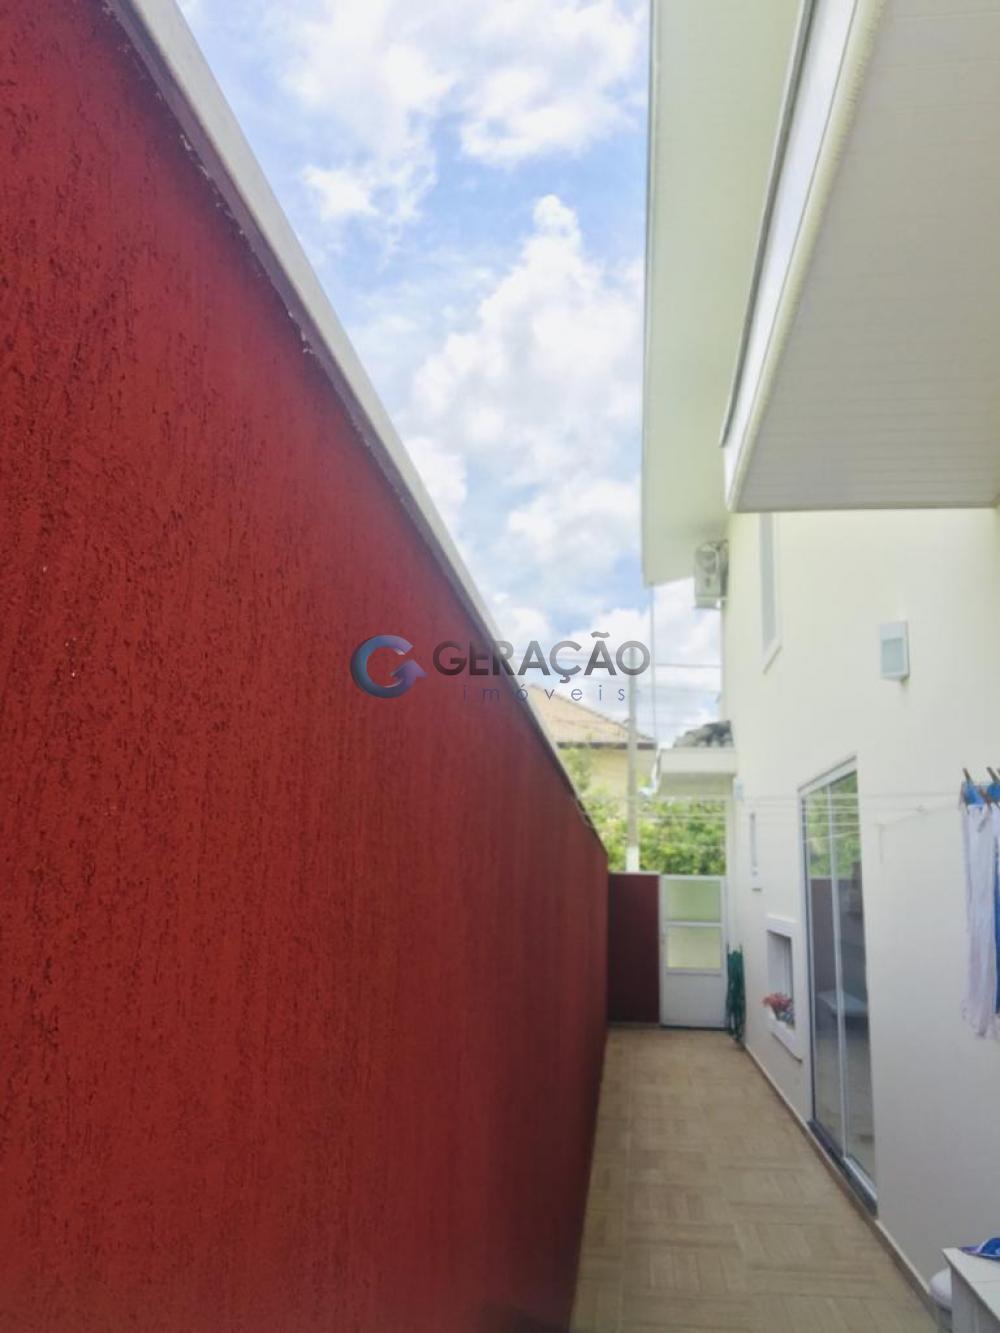 Comprar Casa / Condomínio em São José dos Campos apenas R$ 950.000,00 - Foto 25